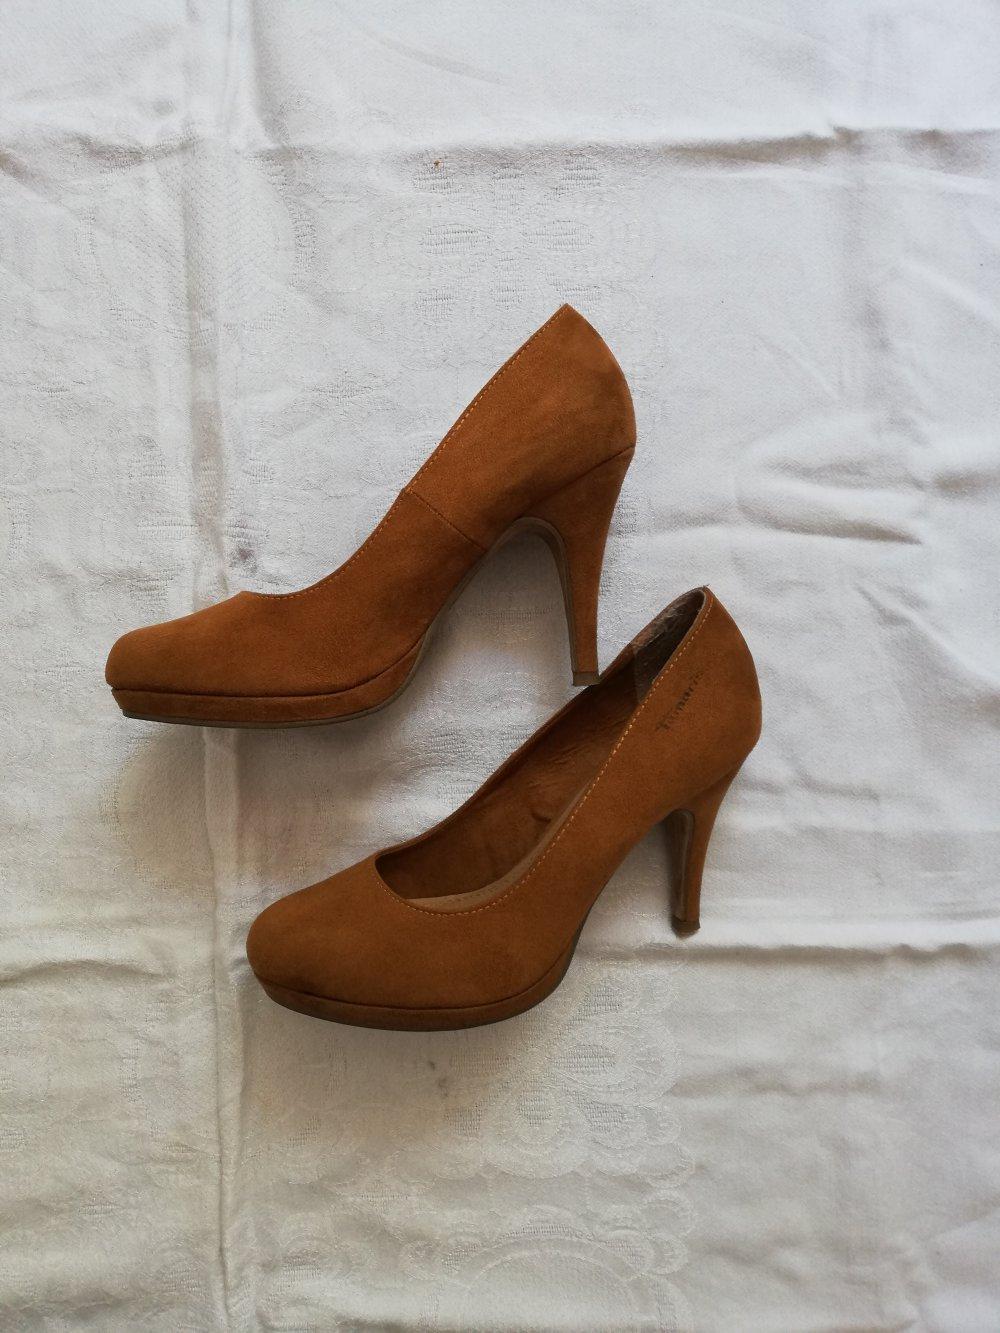 hot sale online 5723d a8957 Hellbraune Wildleder High Heels von Tamaris in Größe 37